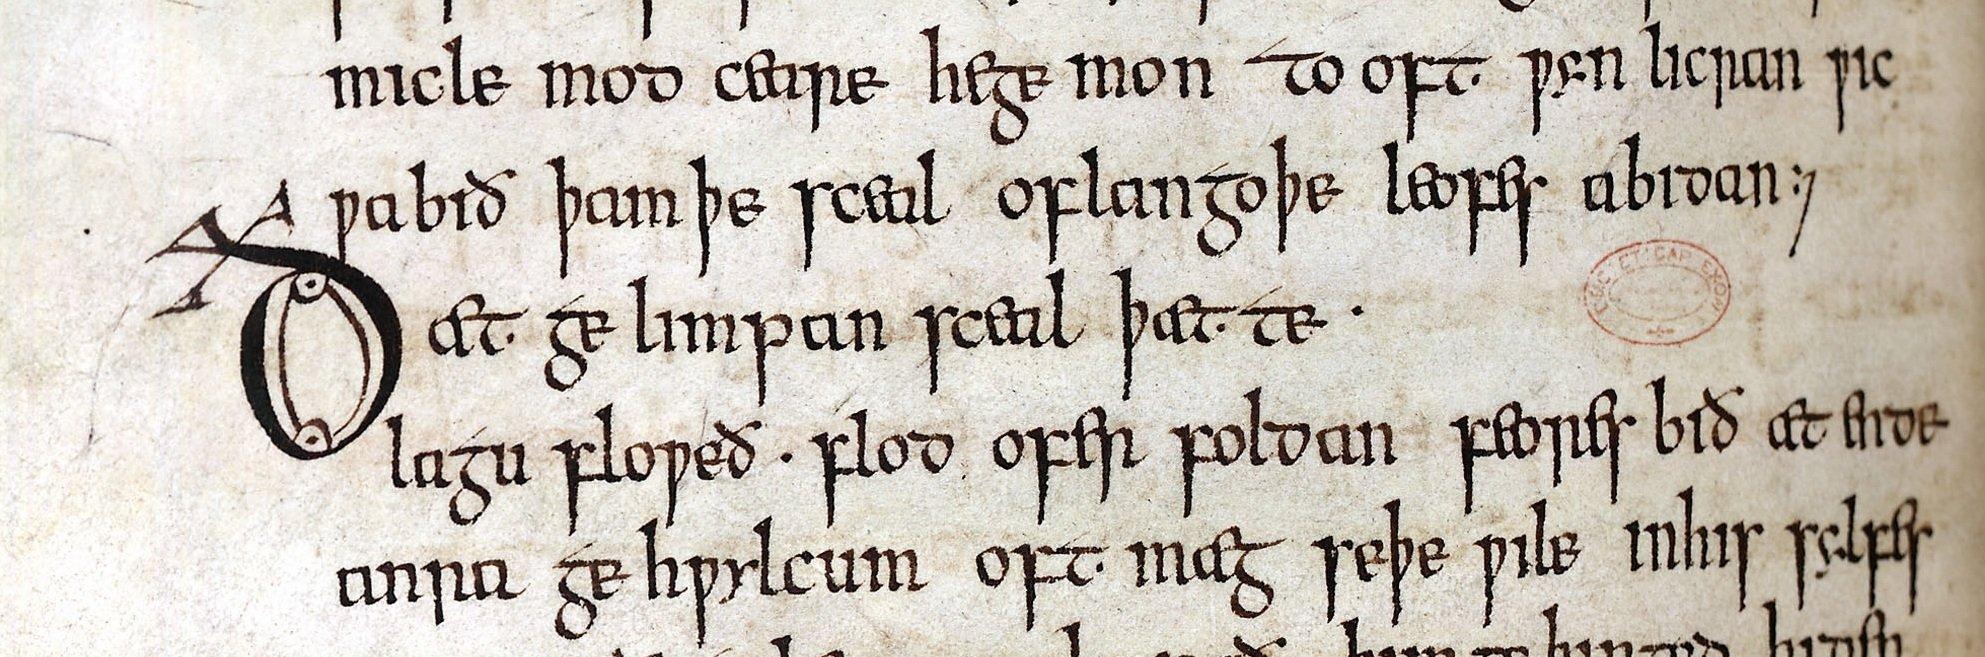 Wifes Lament - Anglo Saxon minuscule